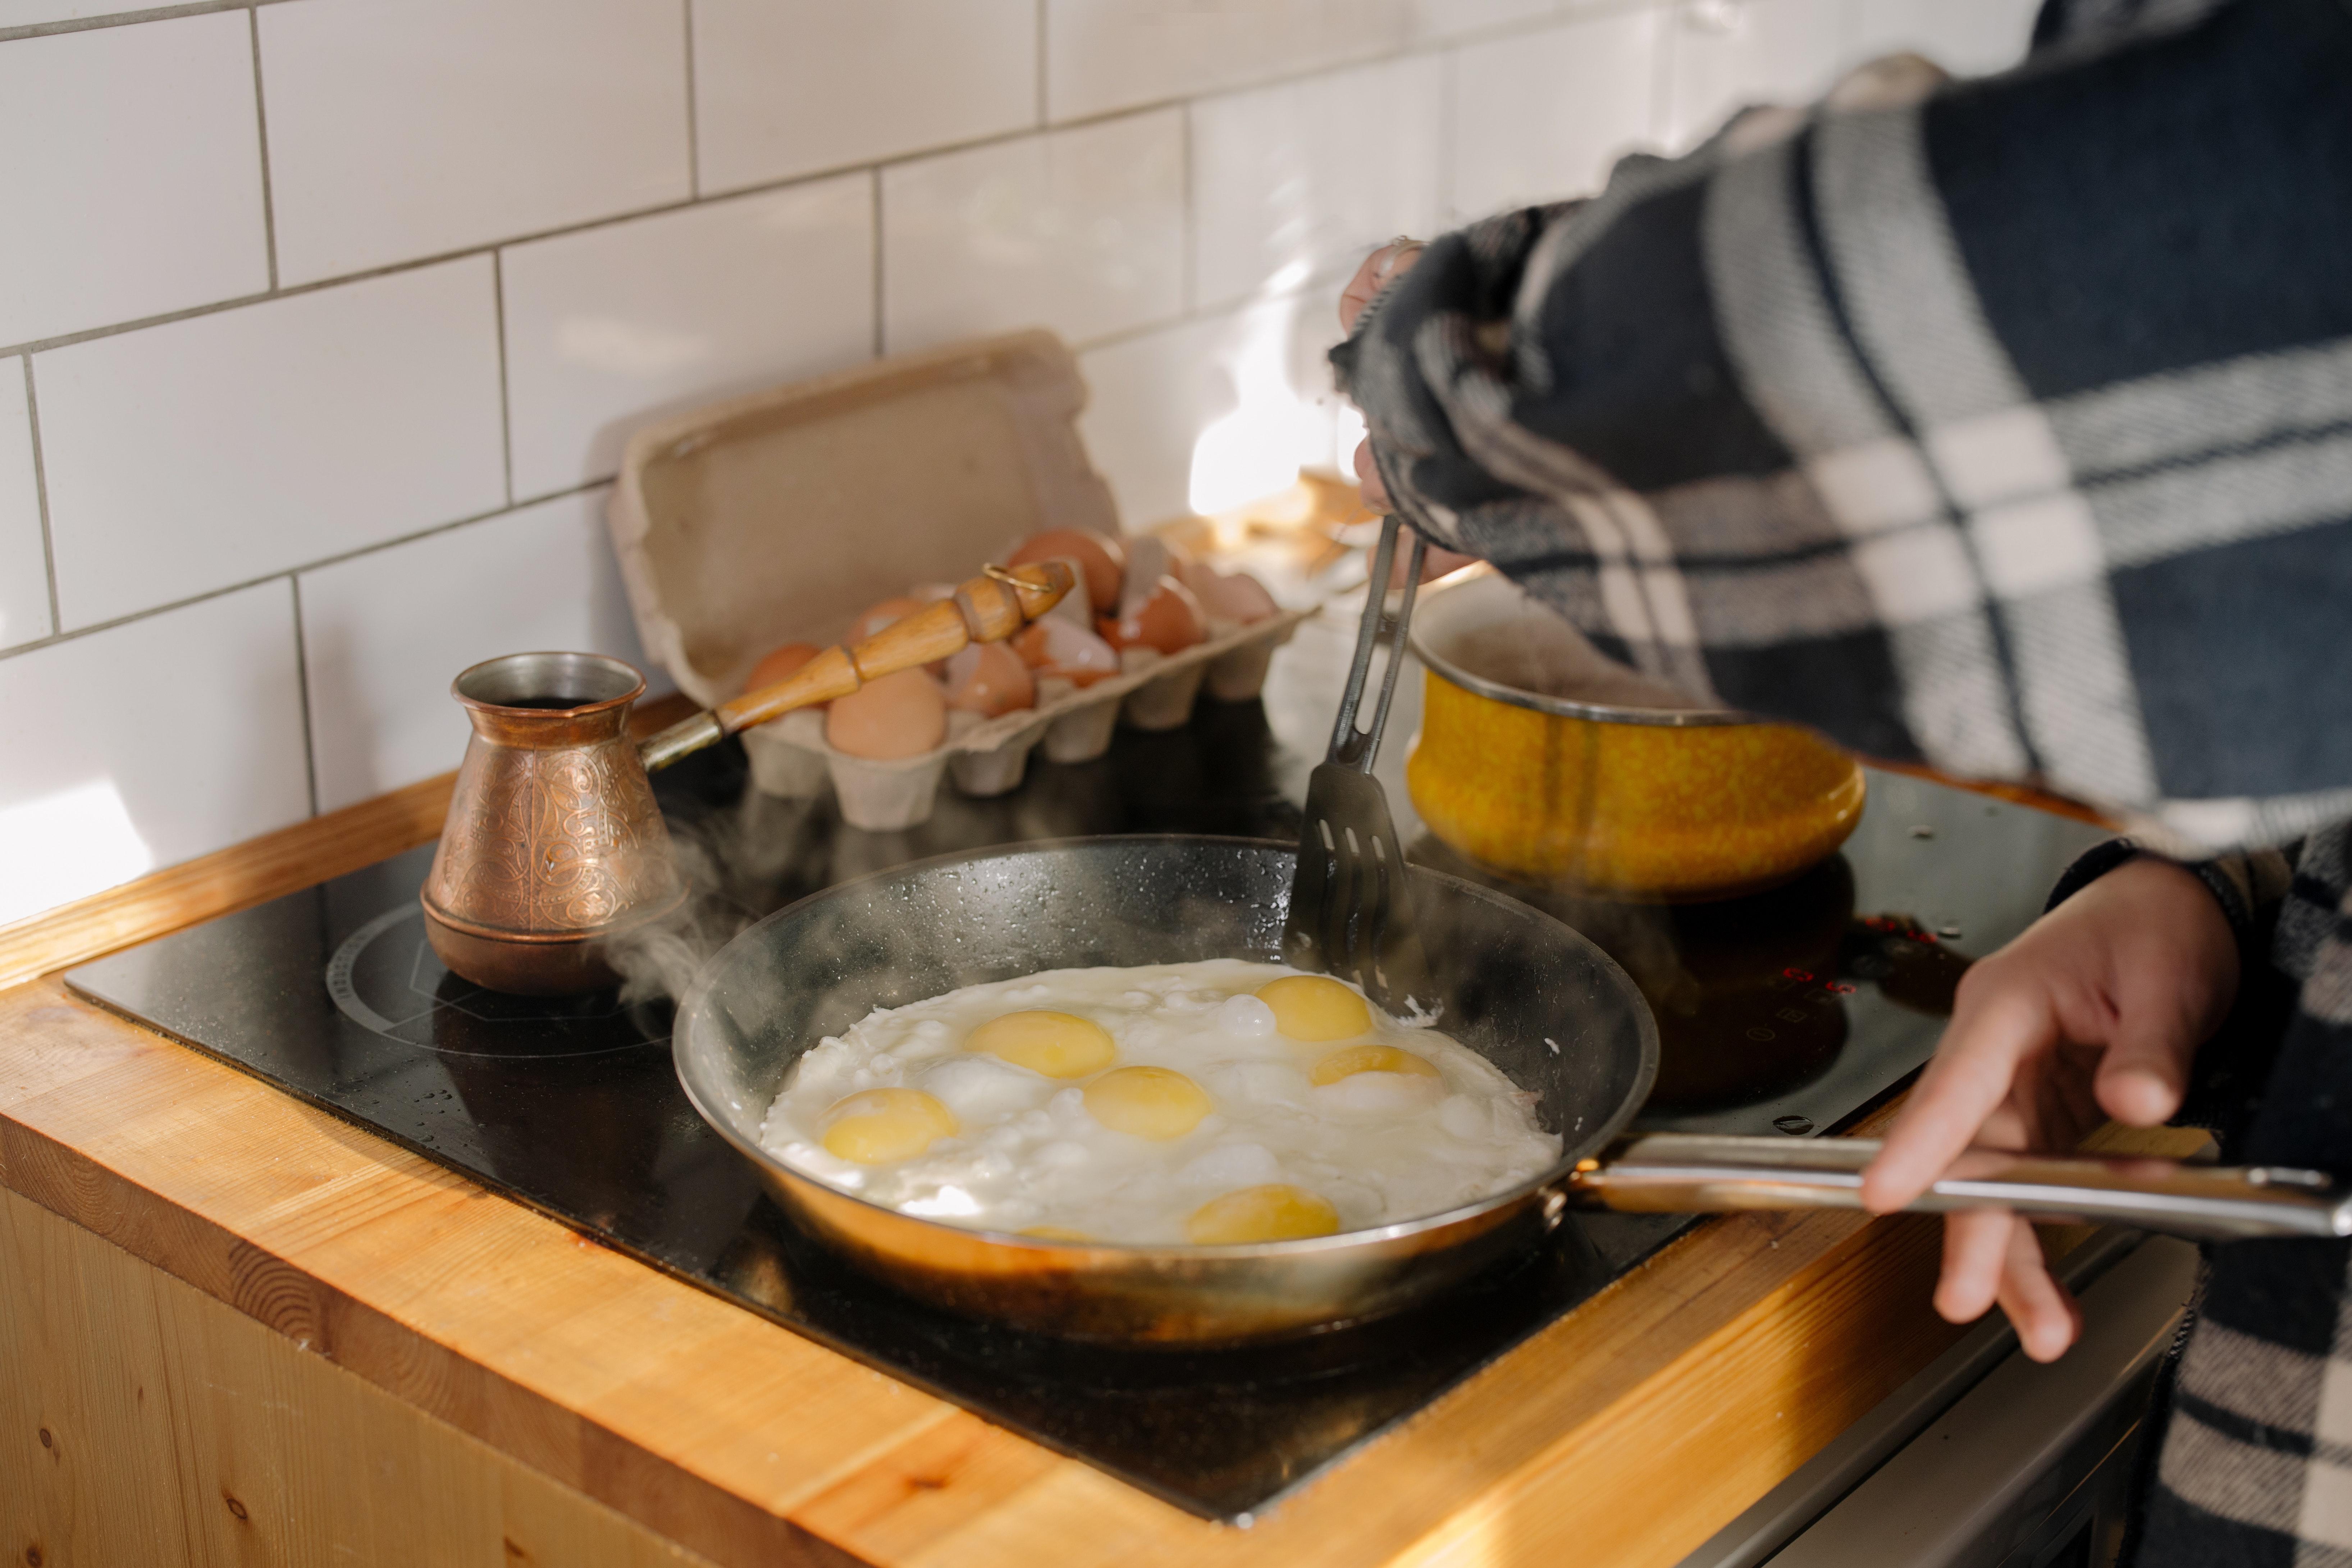 oeufs au plat dans une poêle